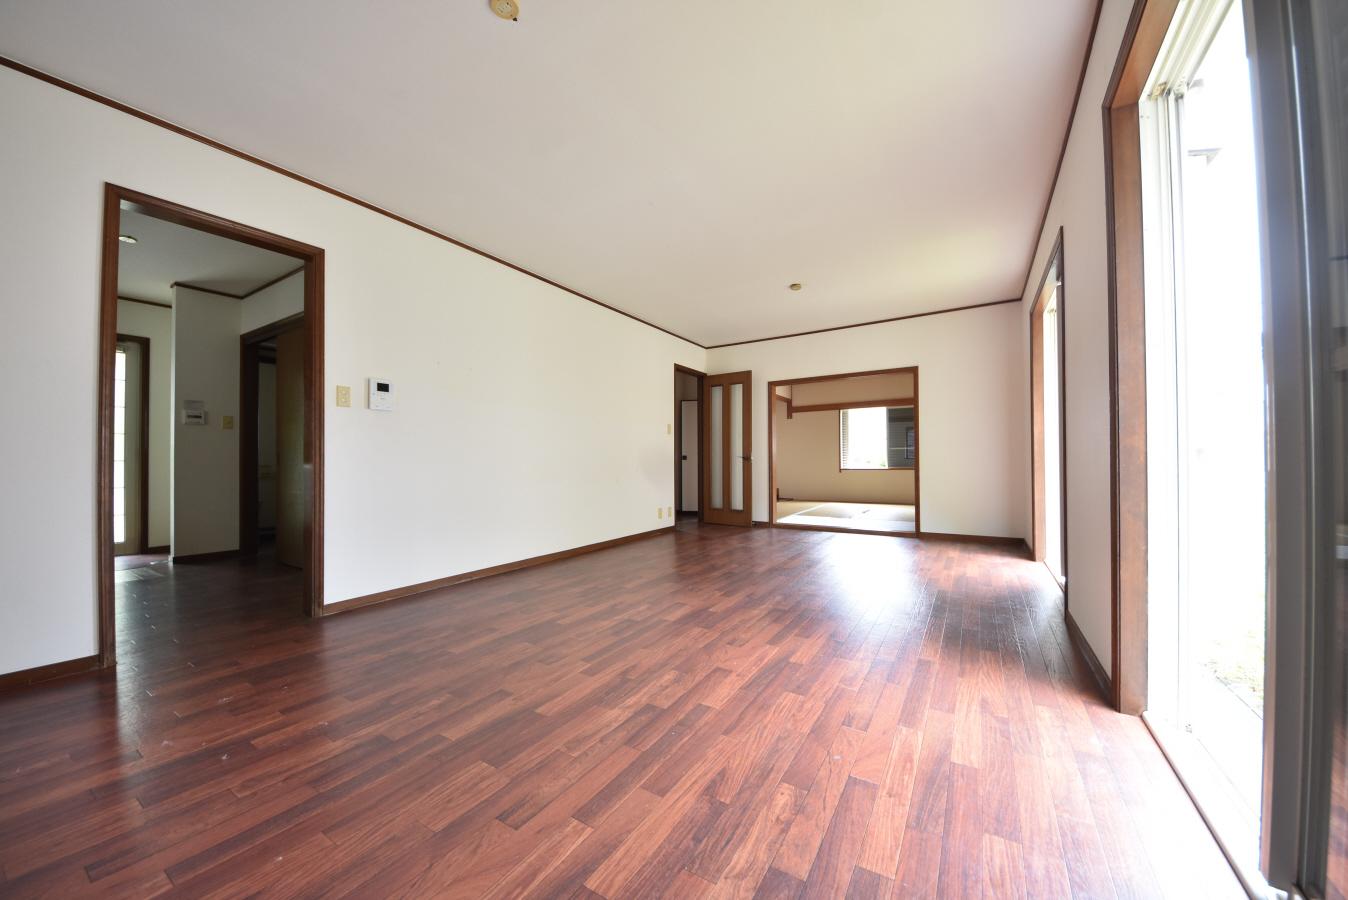 物件番号: 1025866666 中里町森野貸家  神戸市北区中里町1丁目 4LDK 貸家 画像1